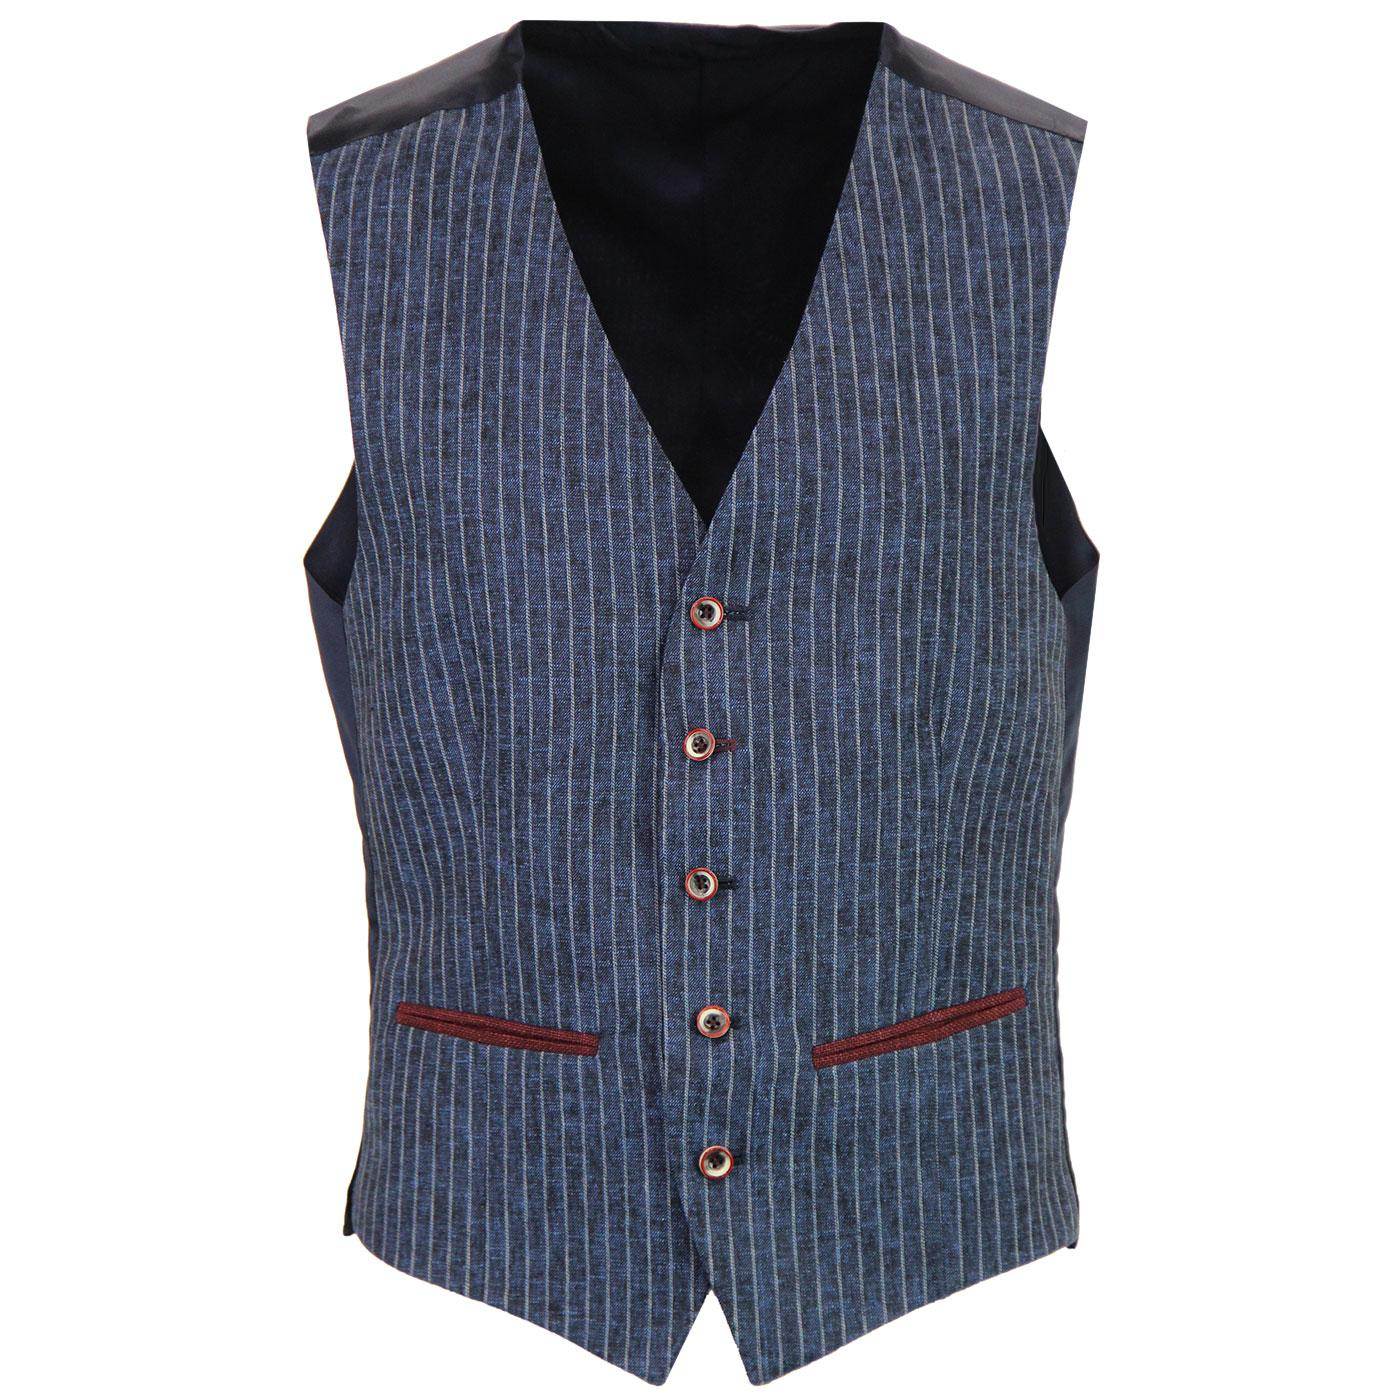 1960s Mod 5 Button Linen Blend Pinstripe Waistcoat